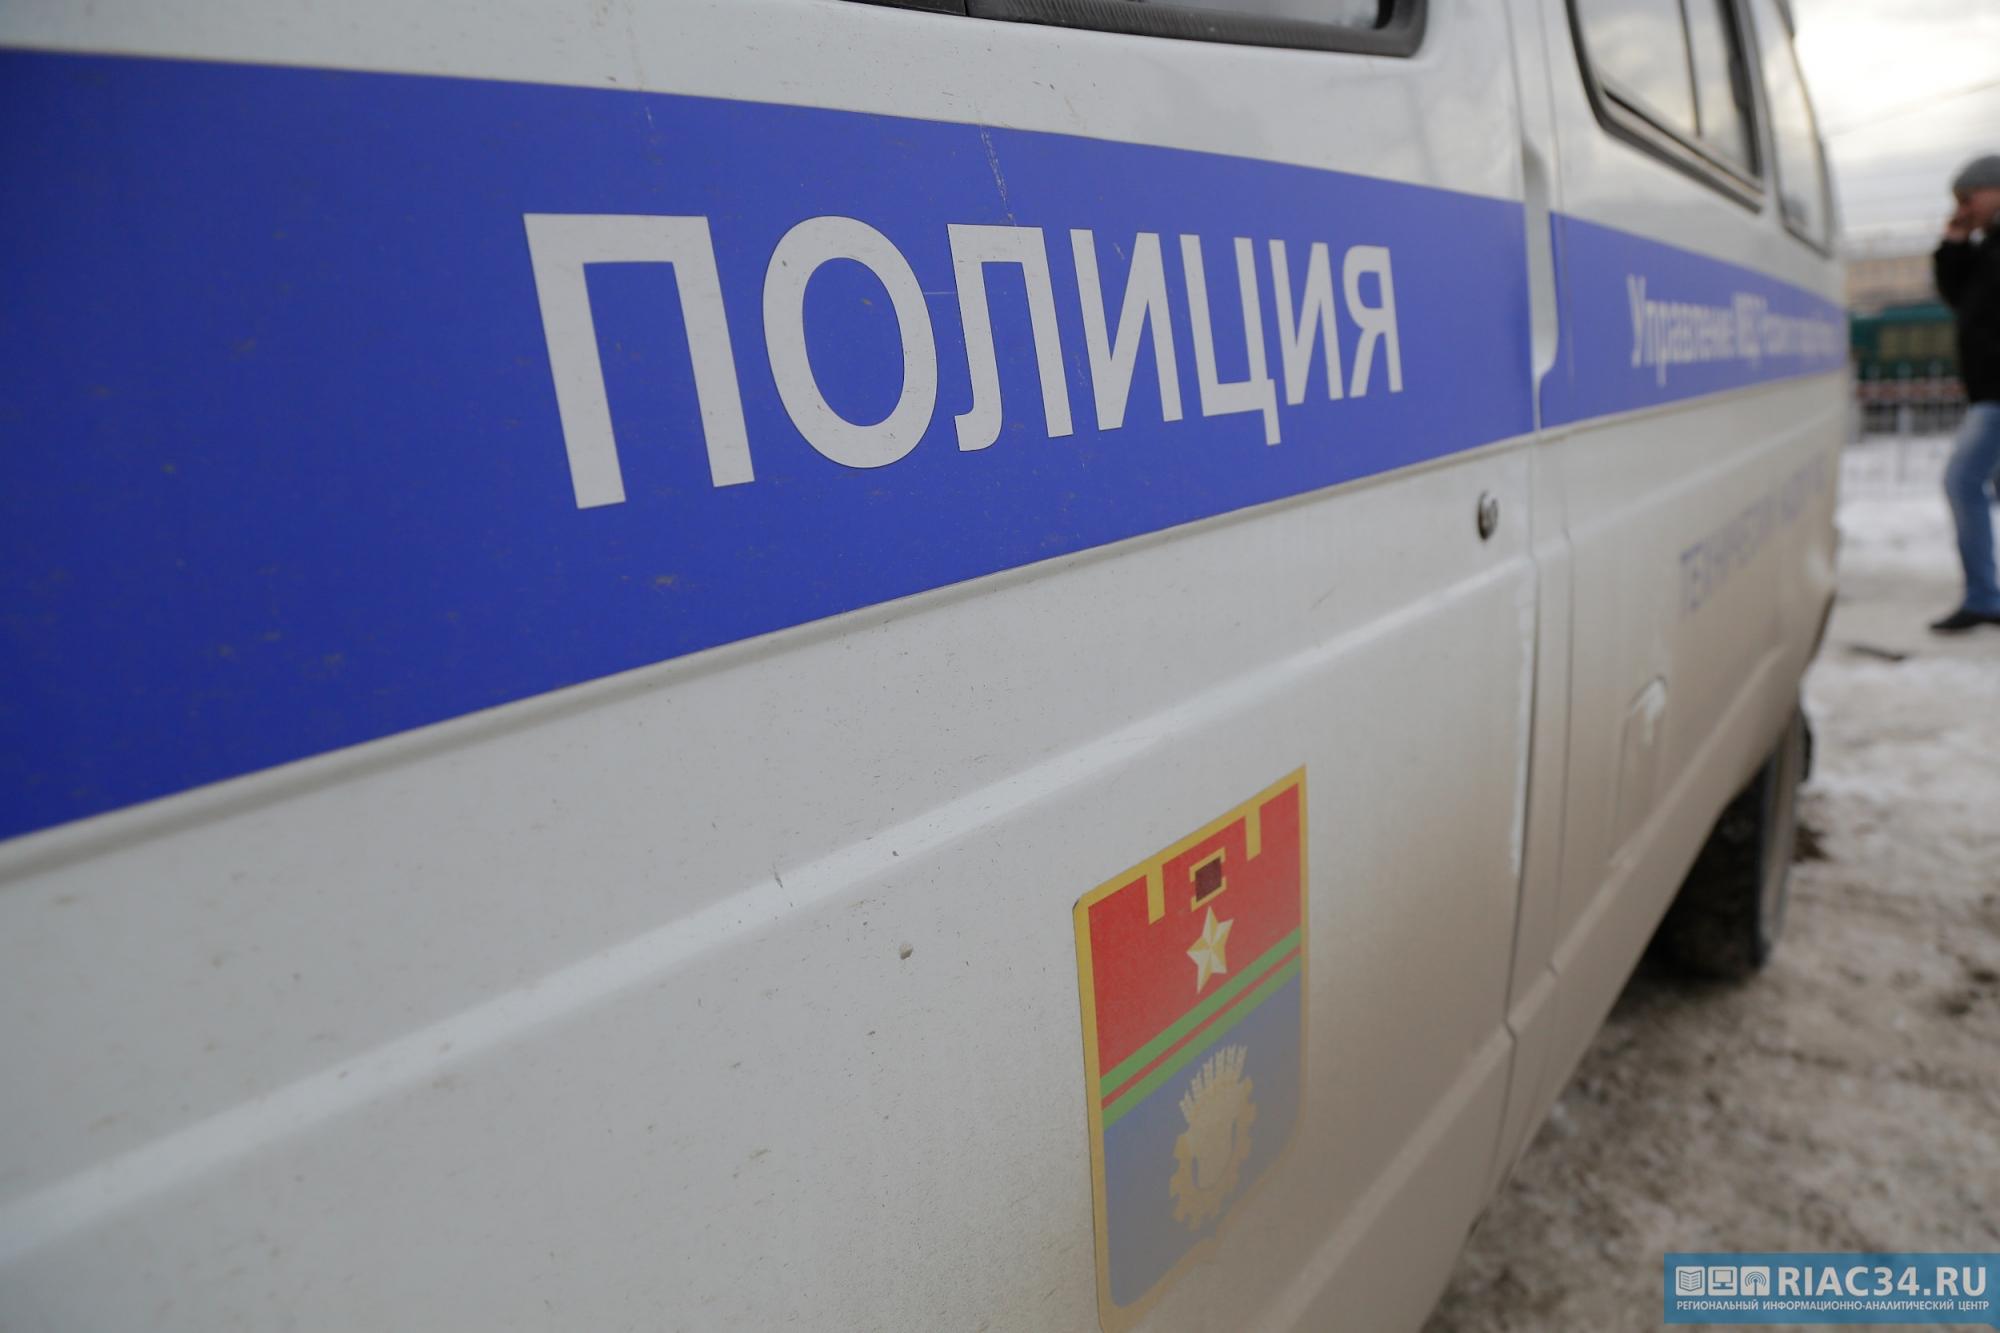 Гендиректор стройфирмы под Волгоградом задолжал сотрудникам 620 тыс. руб.